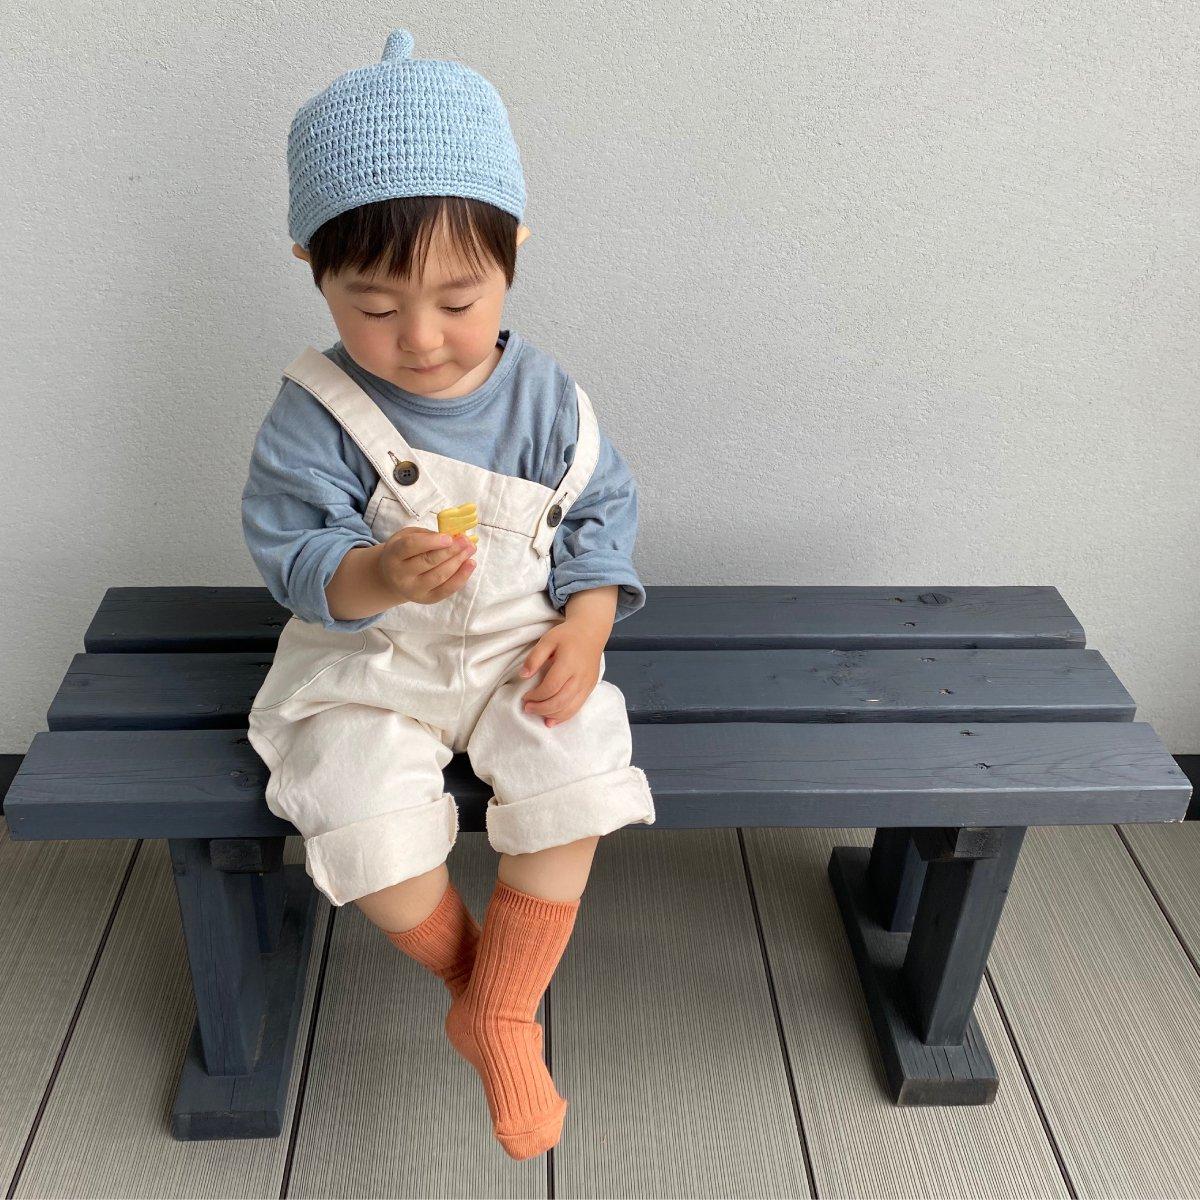 【KIDS】Pistachio Socks 詳細画像20